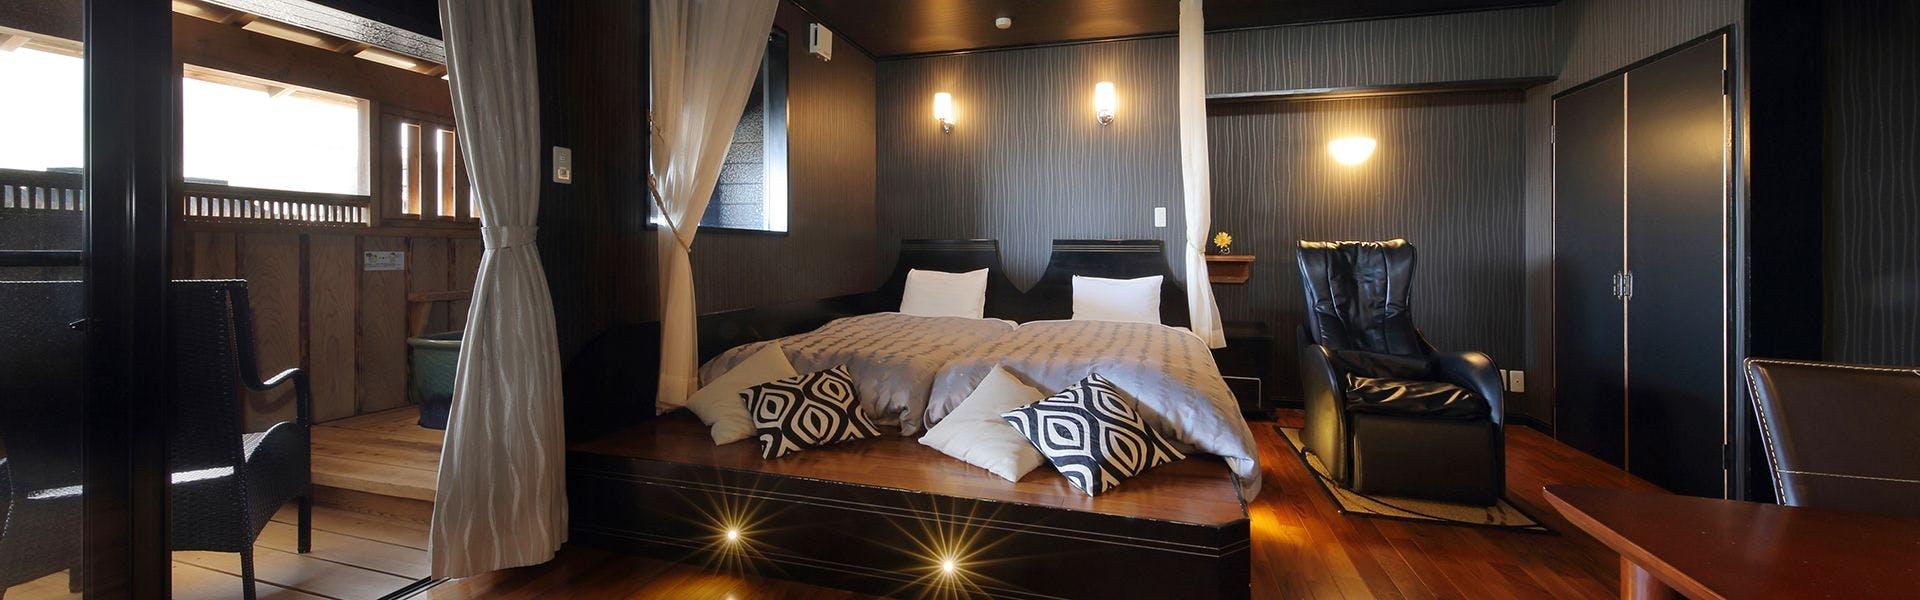 記念日におすすめのホテル・美味しい温泉 夢みさきの写真3